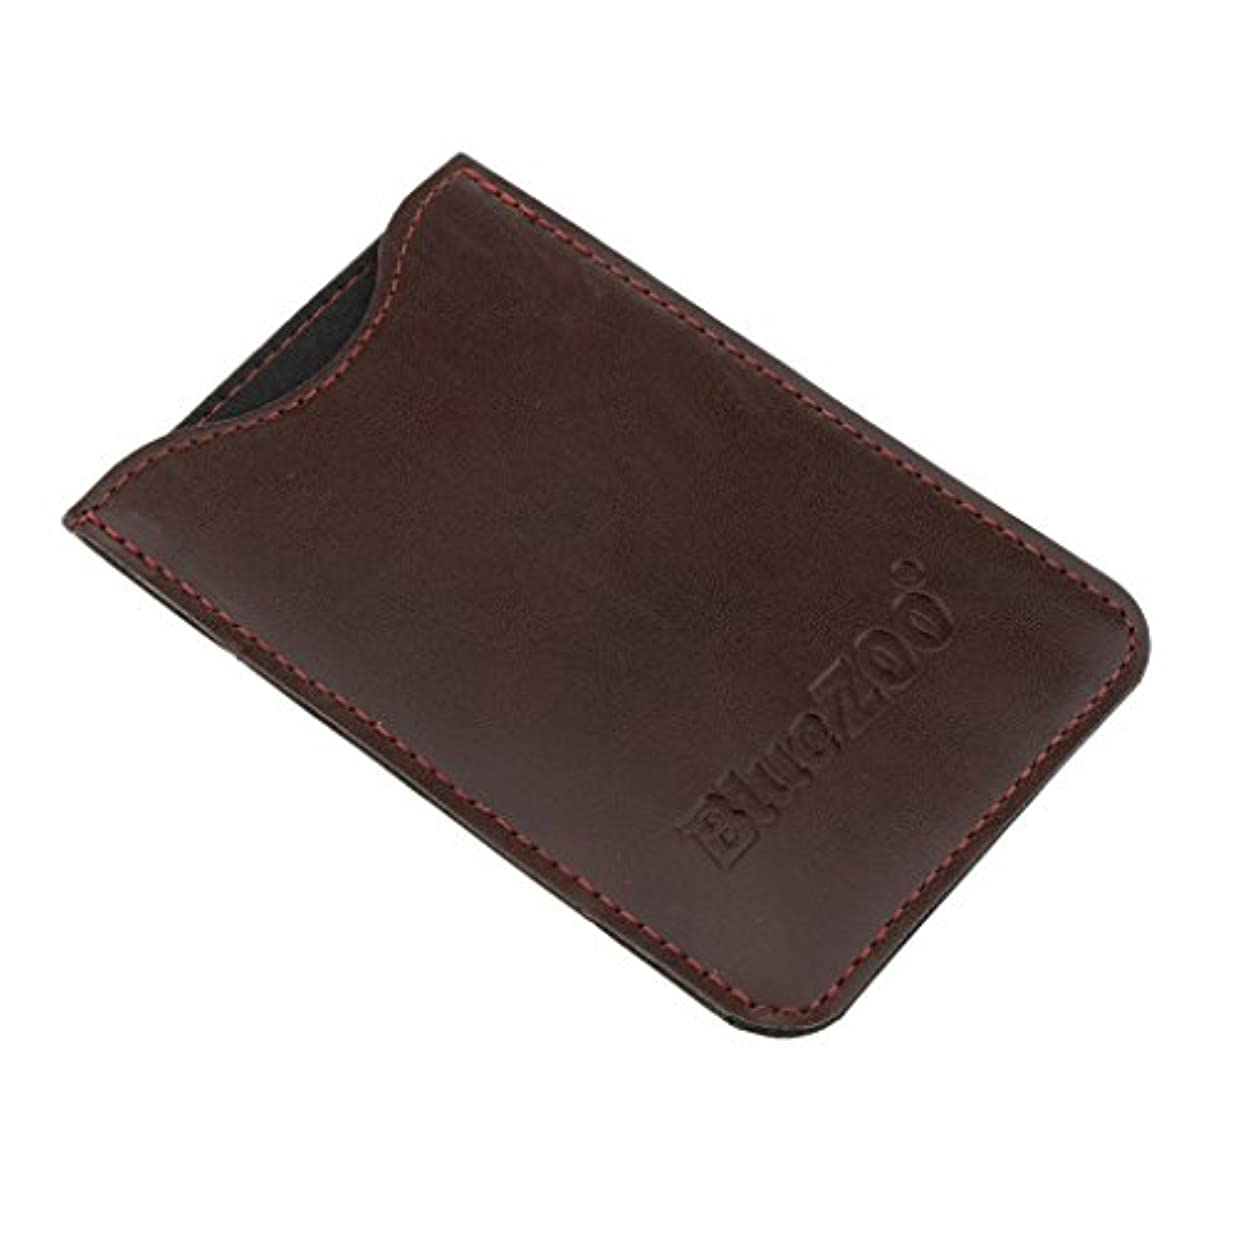 アメリカカード男やもめ収納パック 収納ケース 保護カバー 櫛/名刺/IDカード/銀行カード 多機能 高品質 全2色 - 褐色